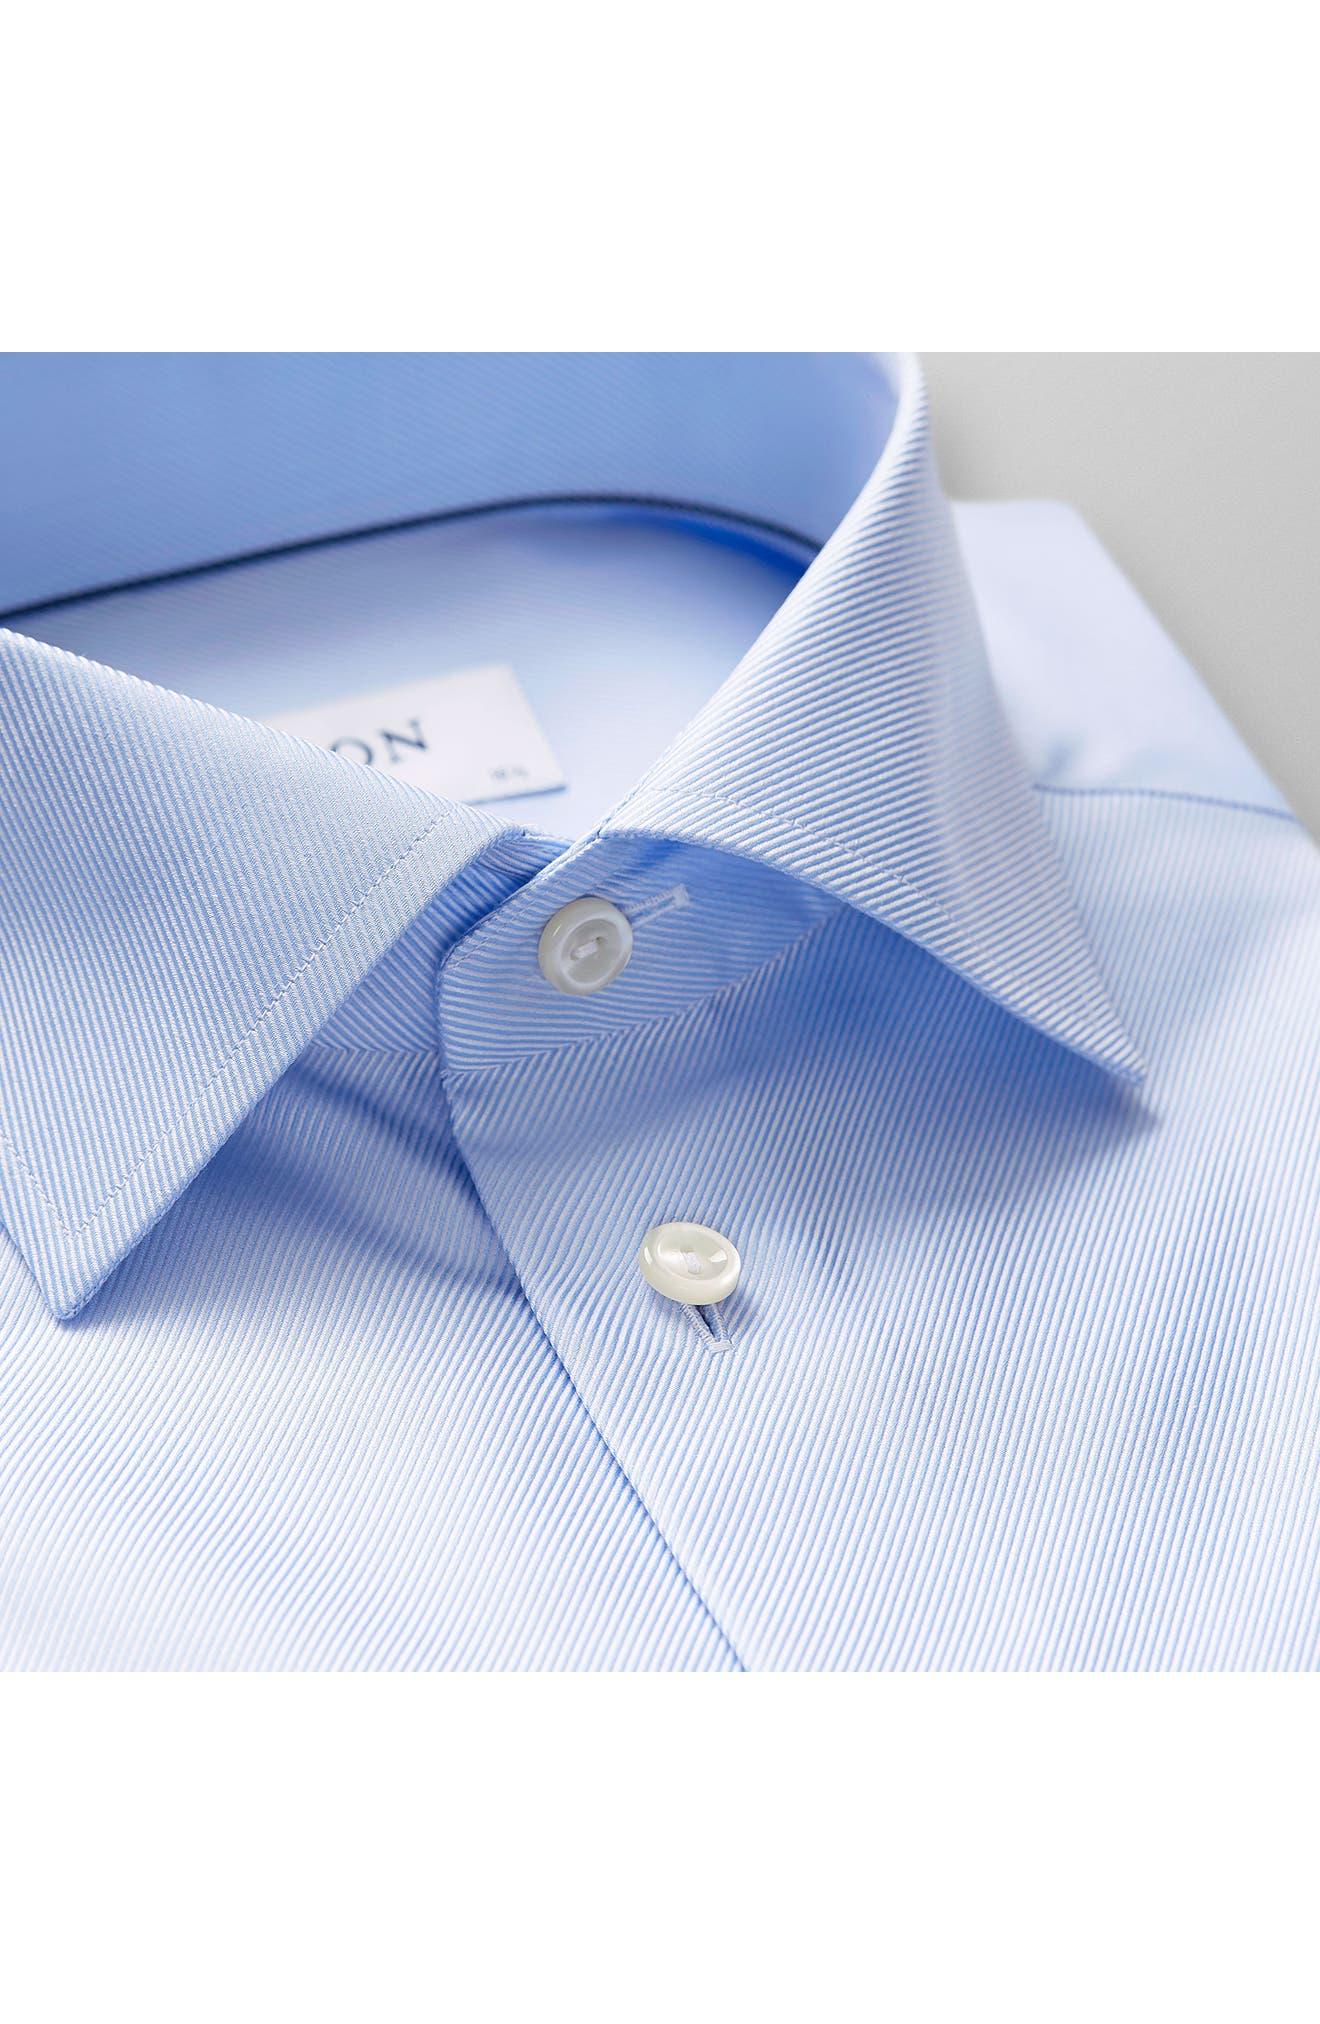 Slim Fit Non-Iron Dress Shirt,                             Main thumbnail 1, color,                             LIGHT BLUE